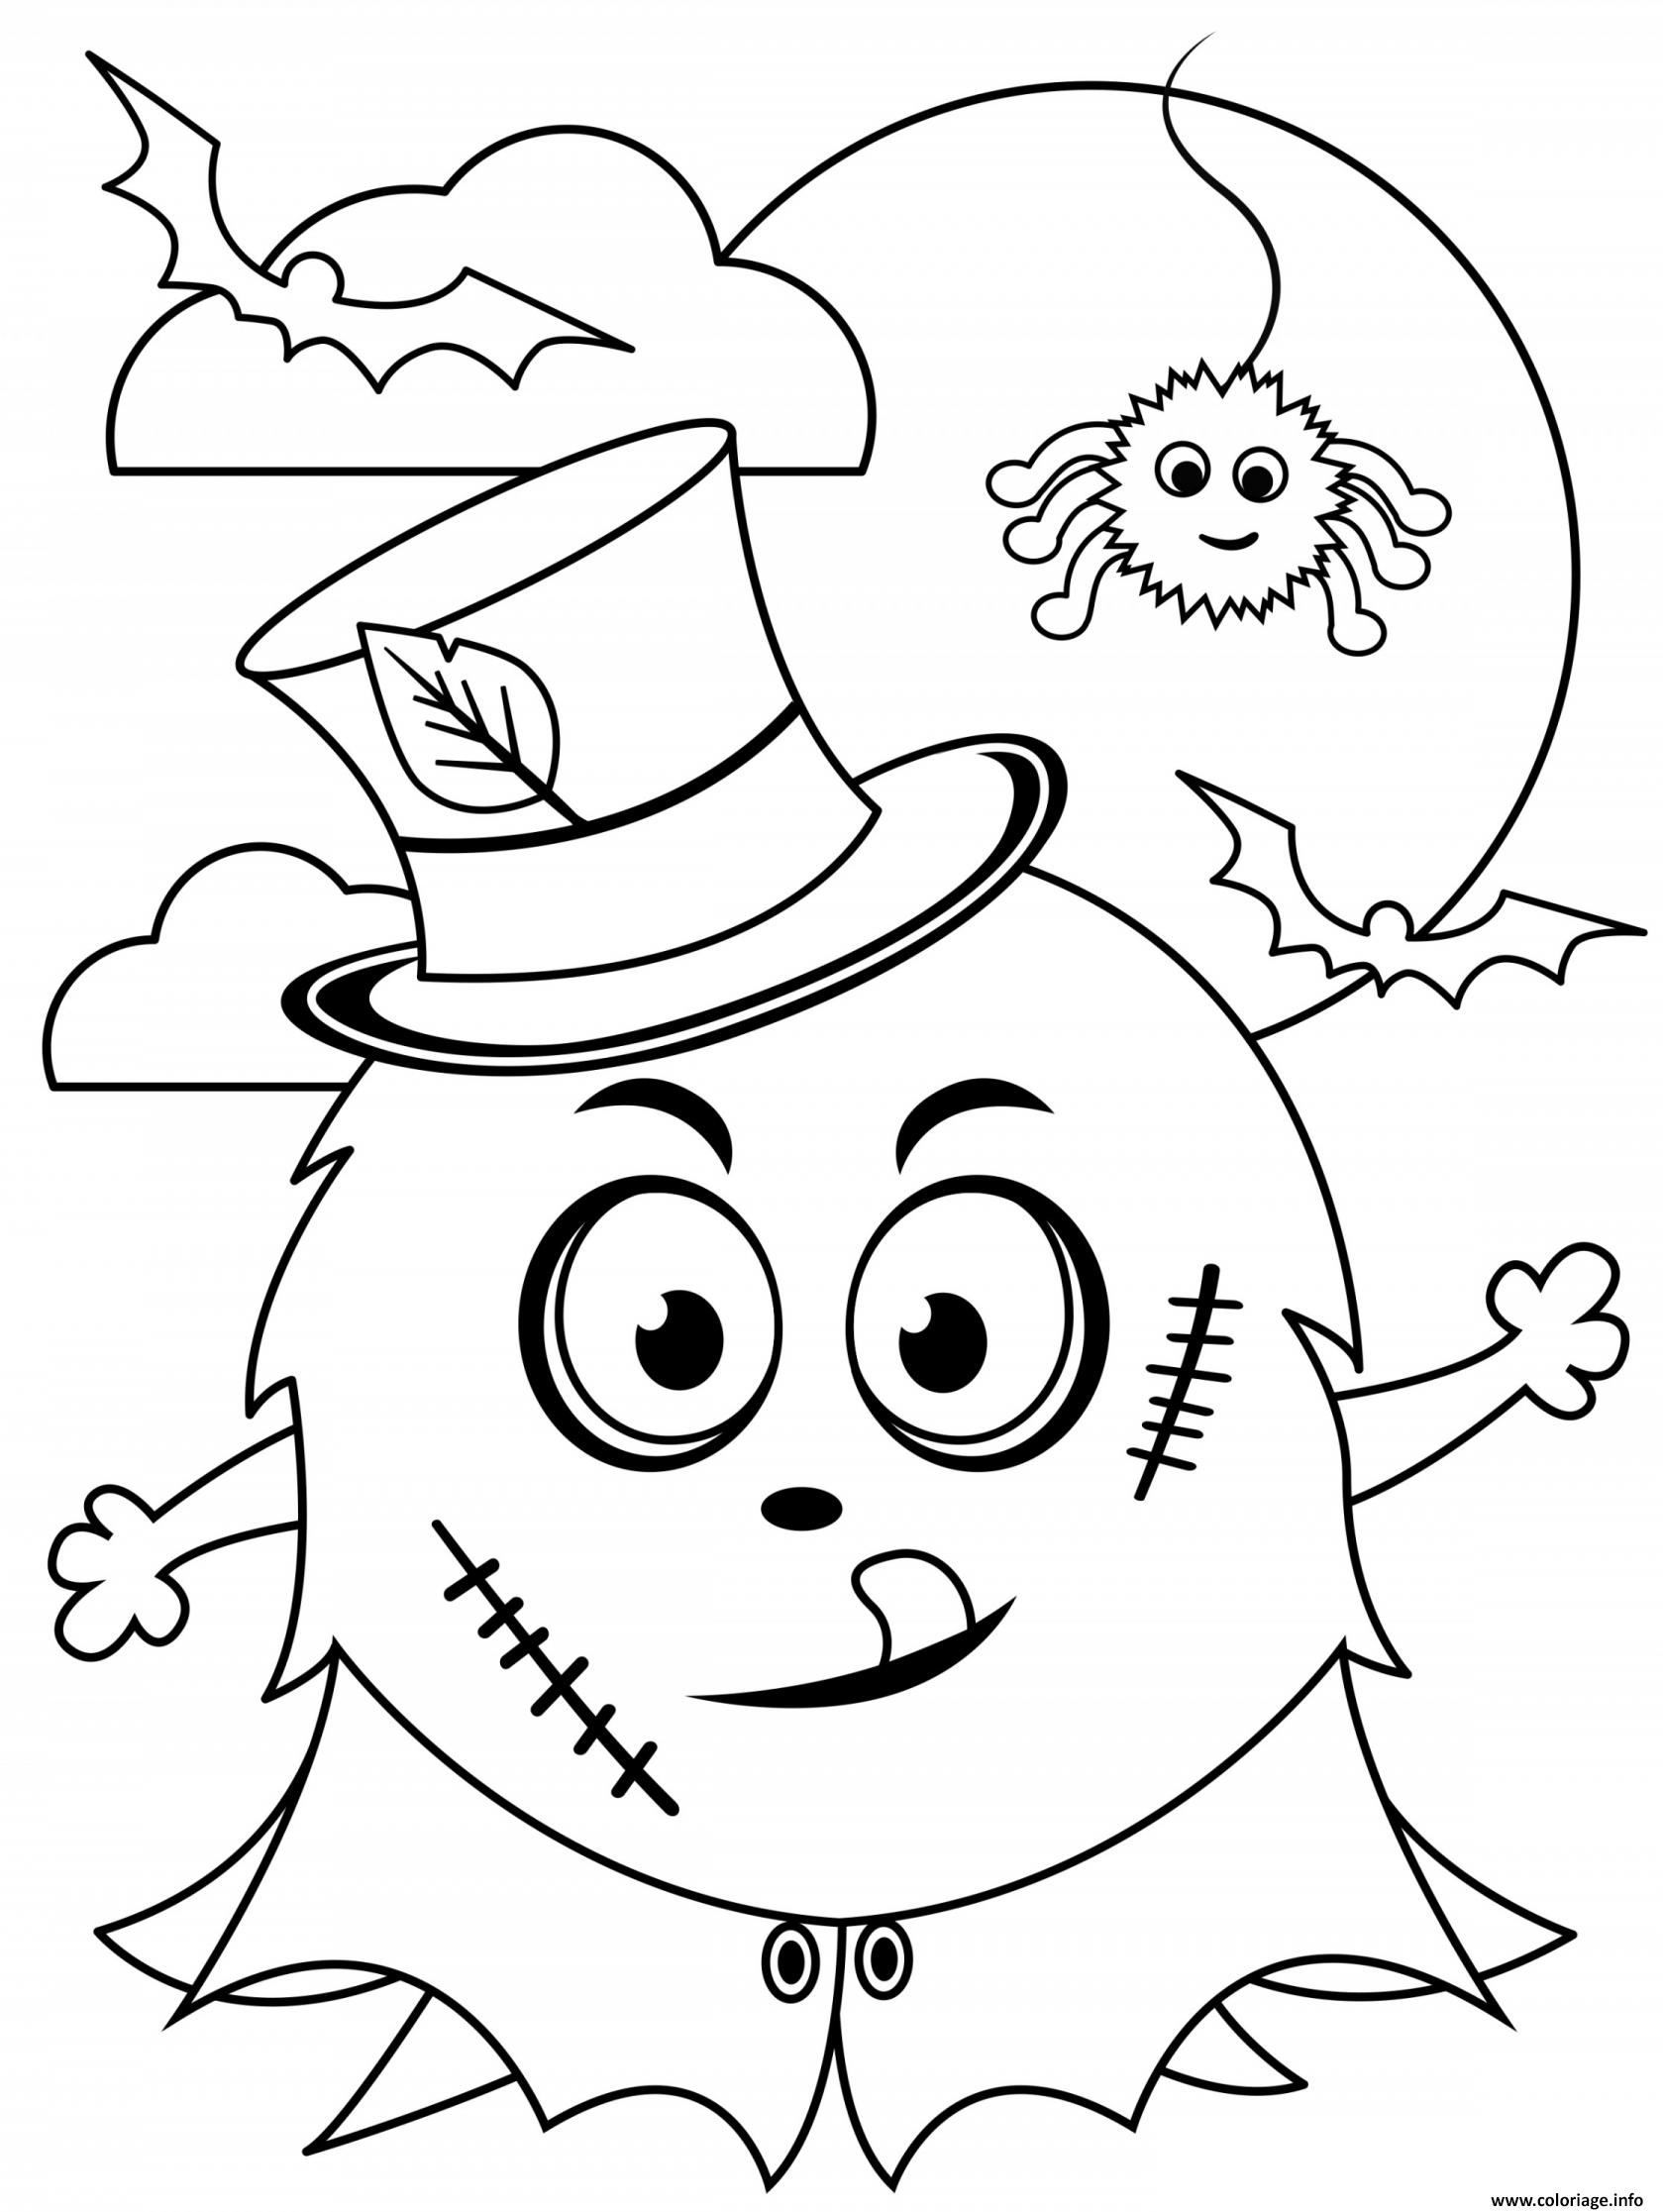 Dessin Halloween Monstre devant la Lune Coloriage Gratuit à Imprimer